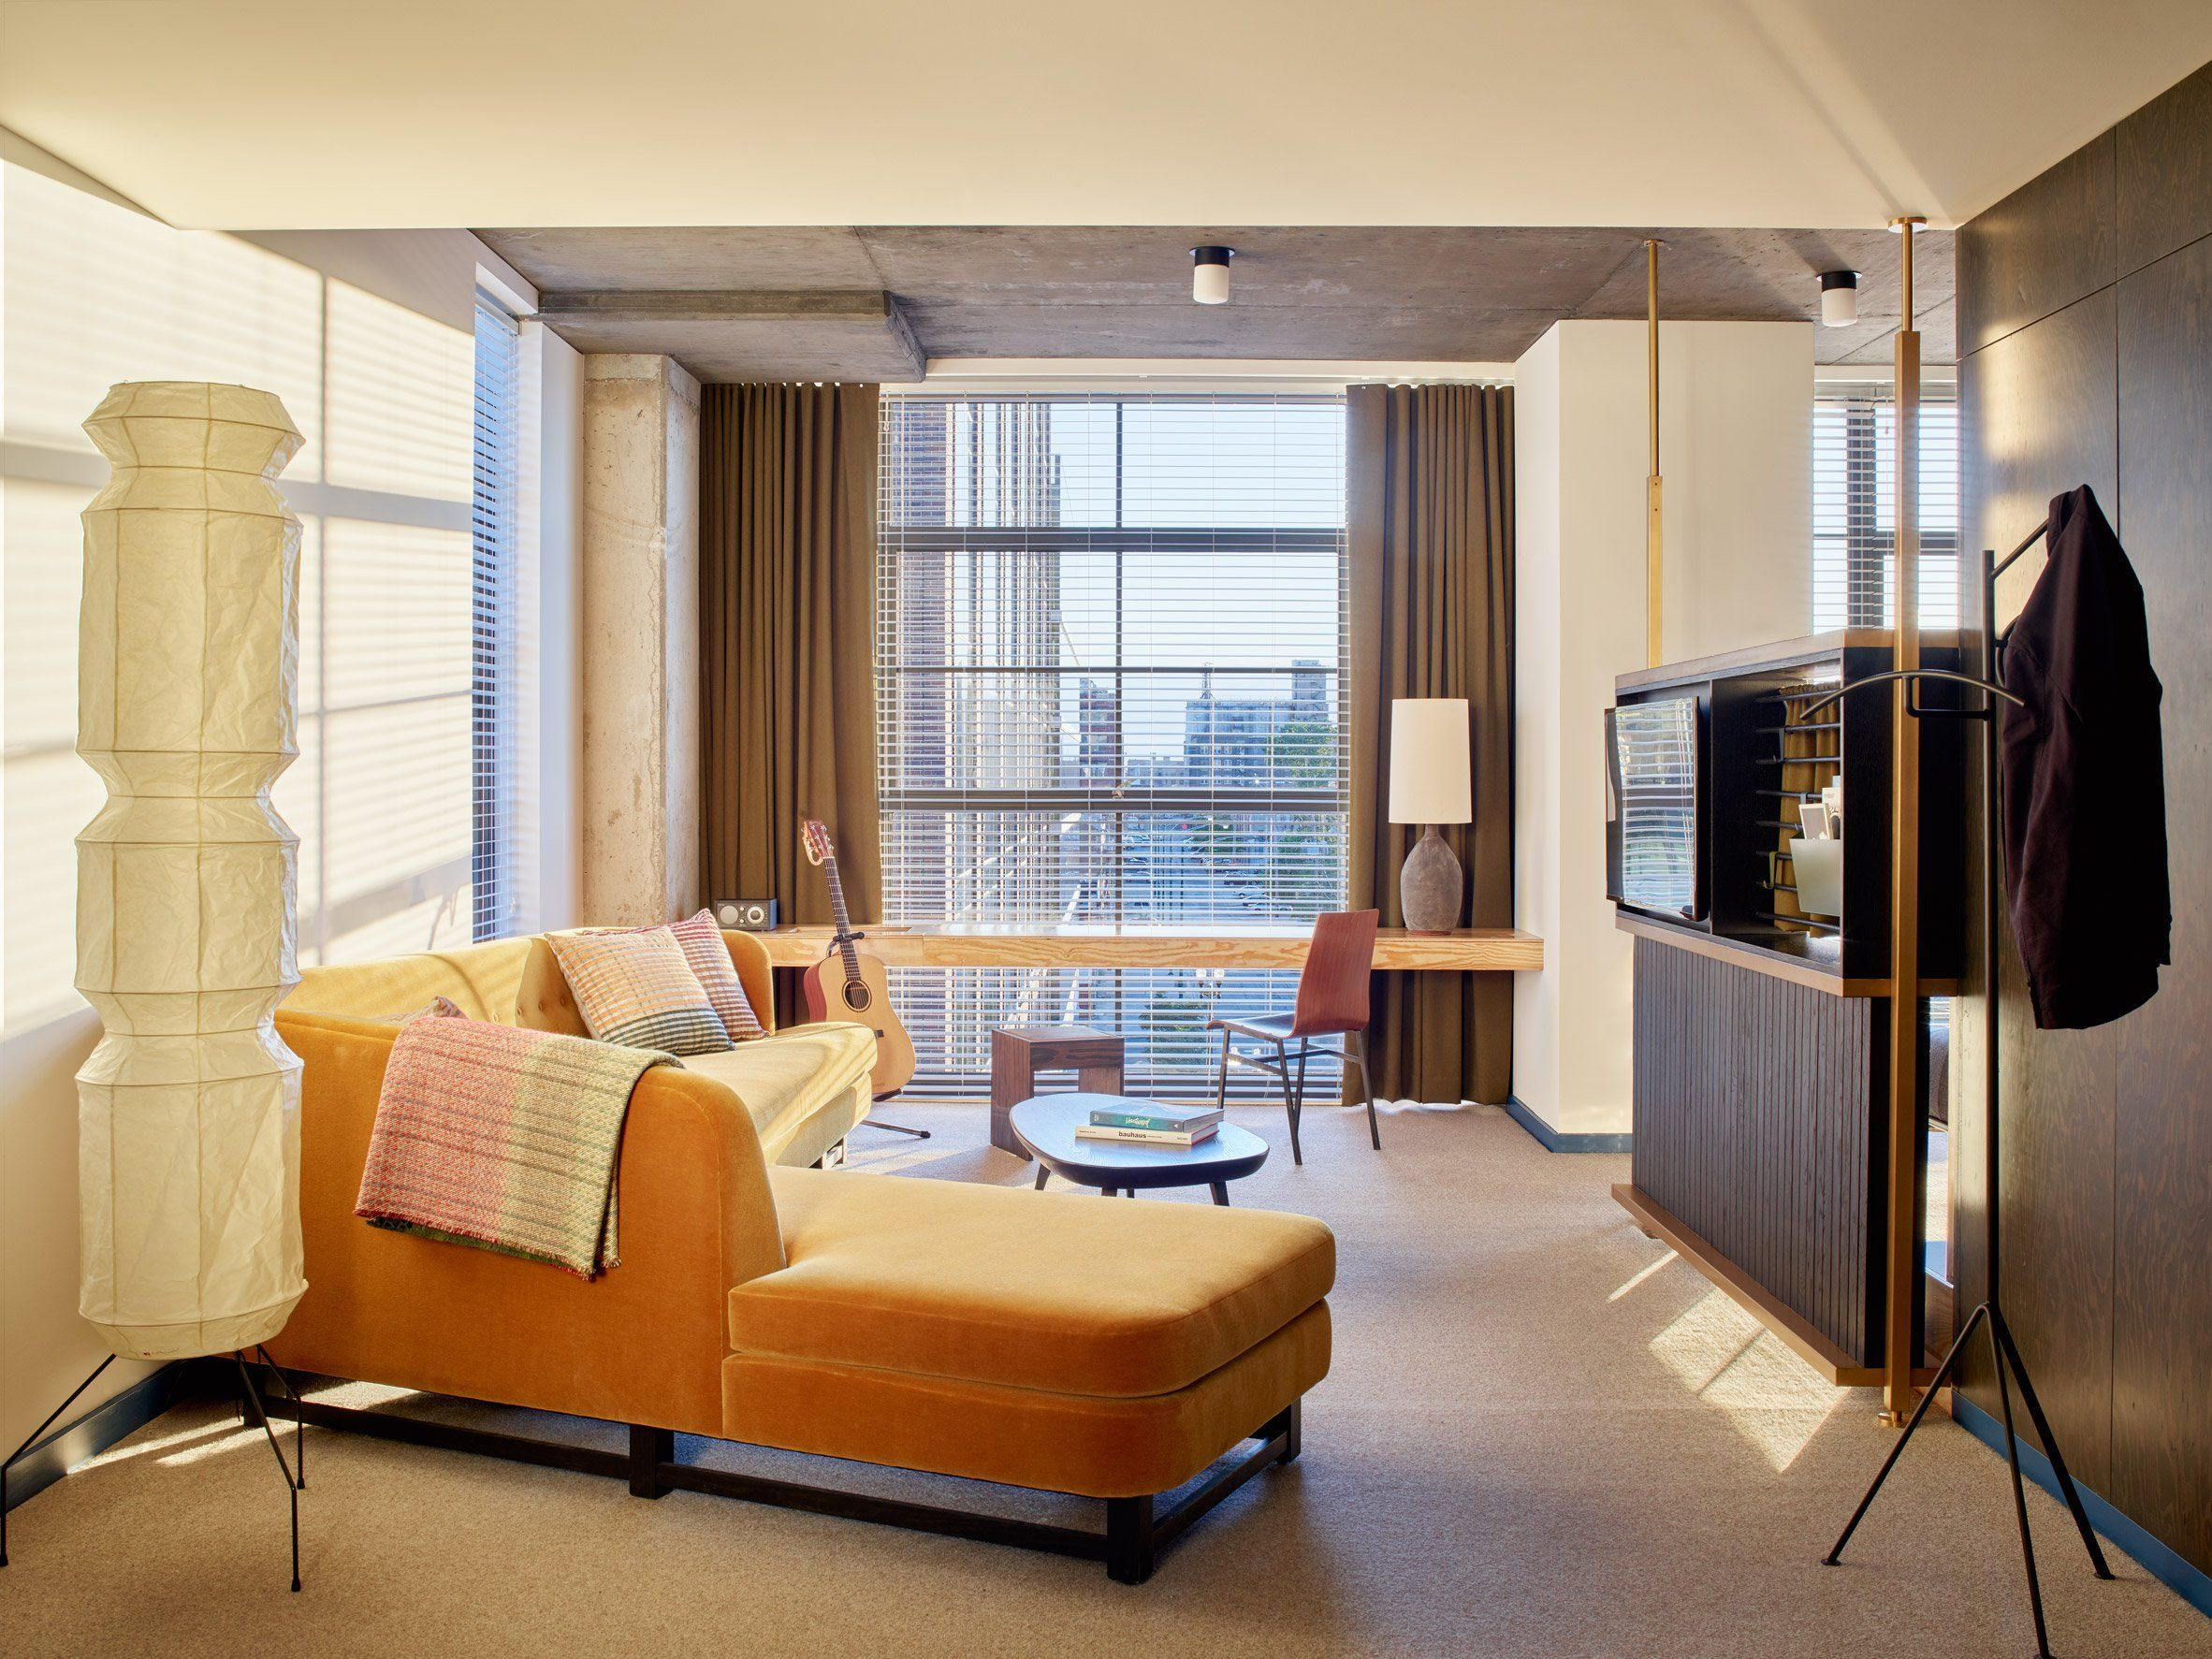 New Interior Design In Chicago